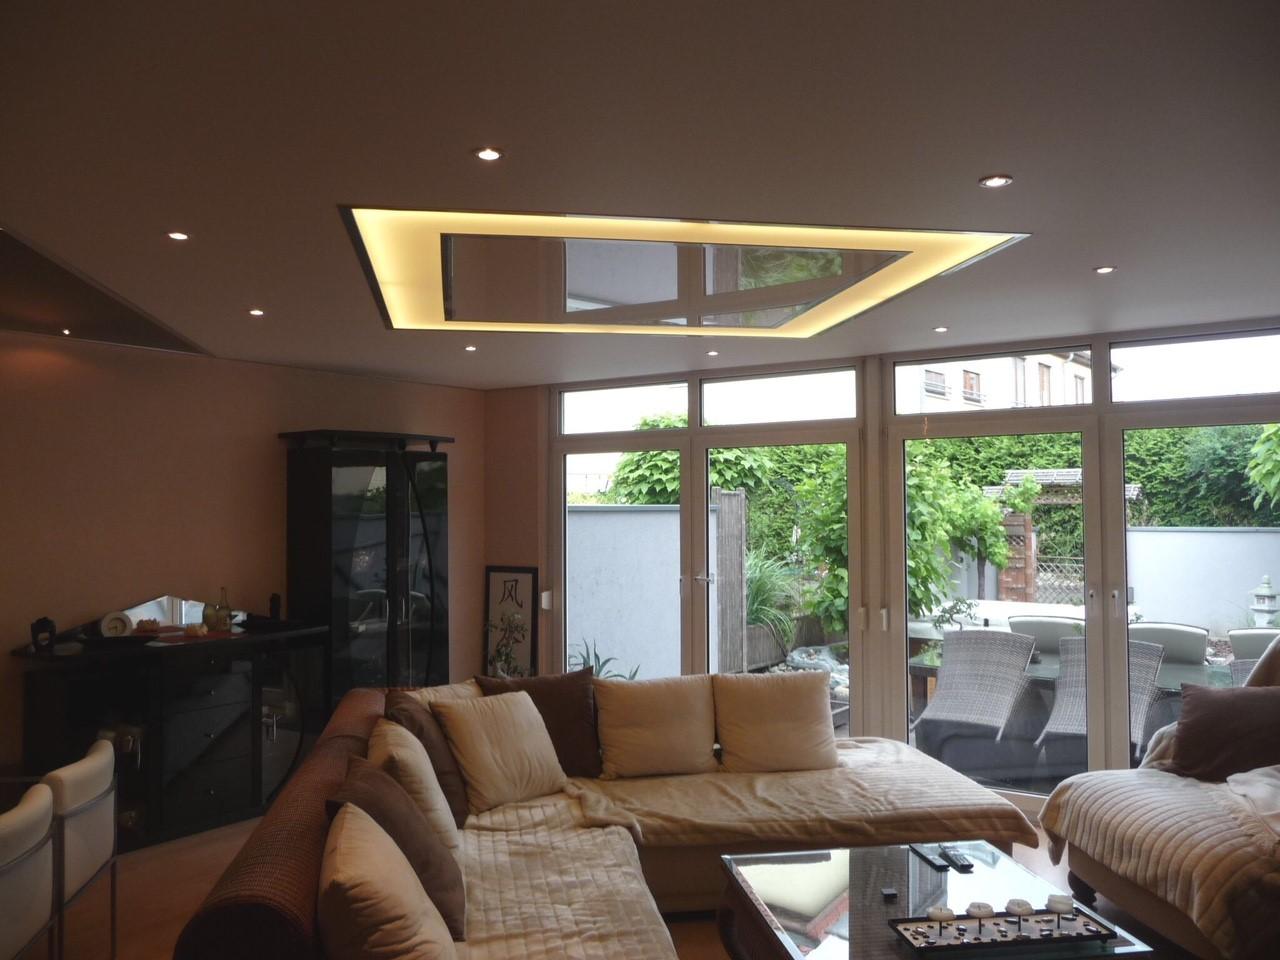 plafond07